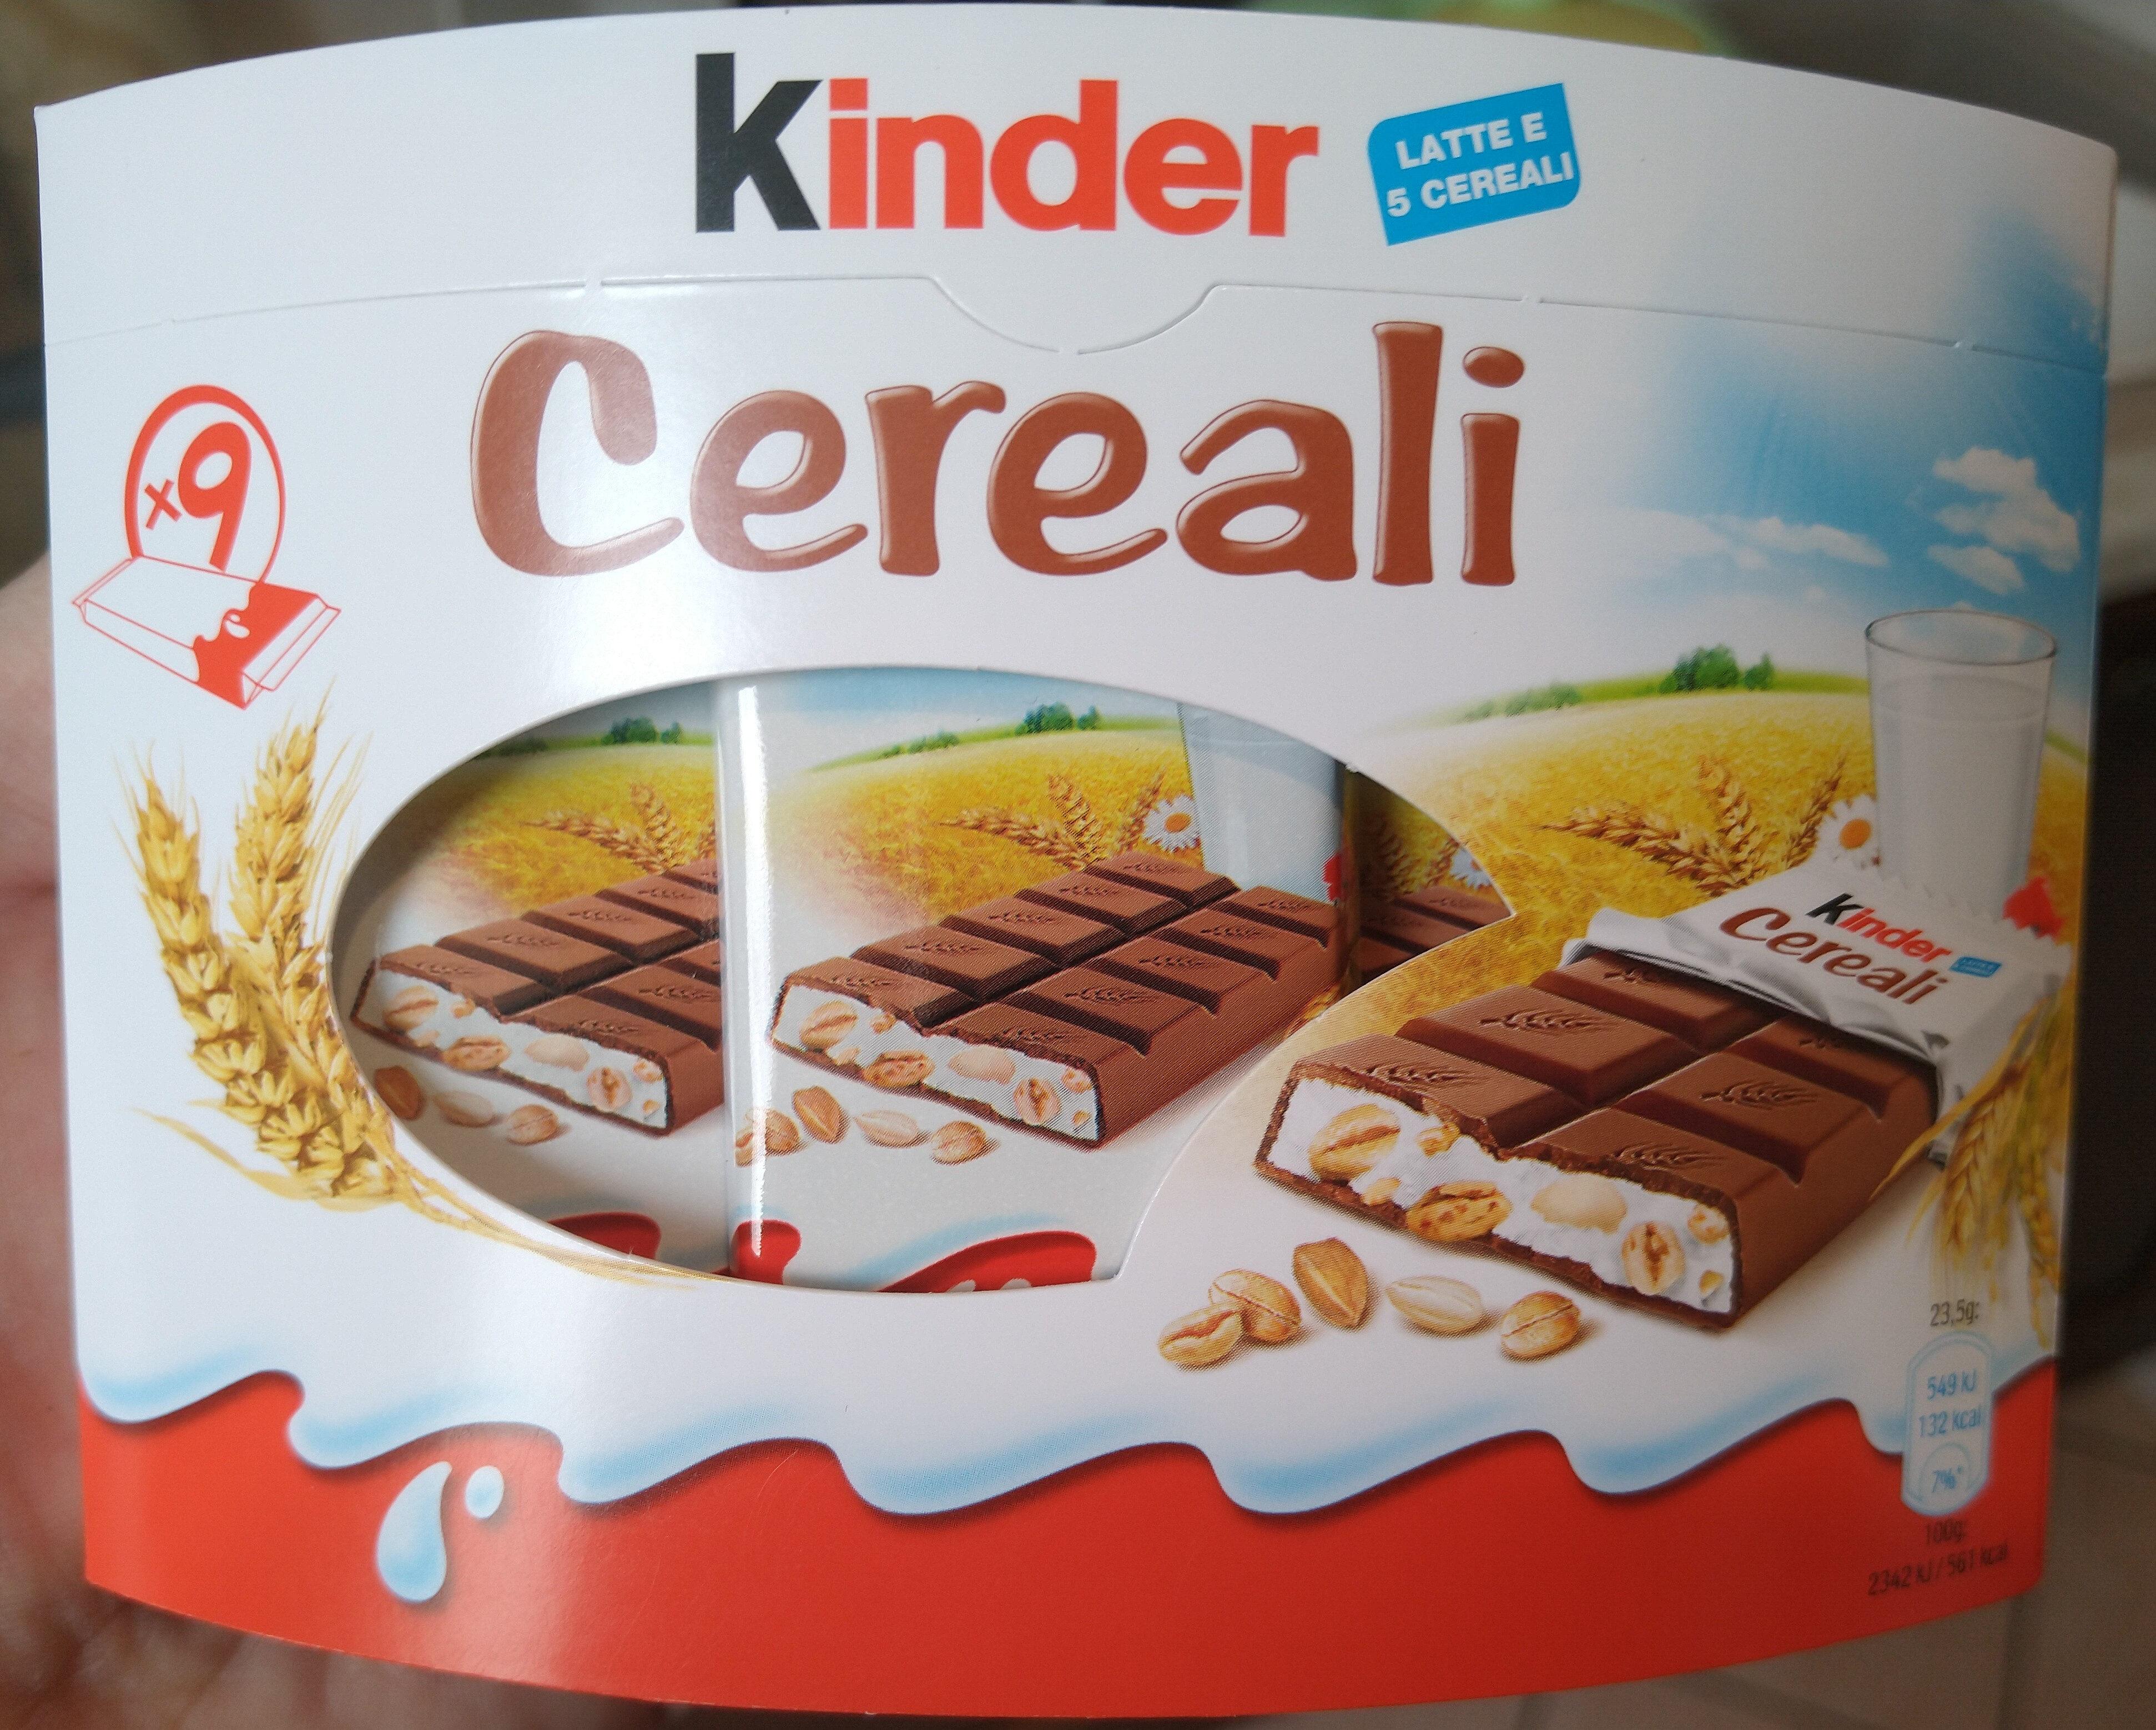 Kinder country barre de cereales enrobee de chocolat 9 barres - Prodotto - it